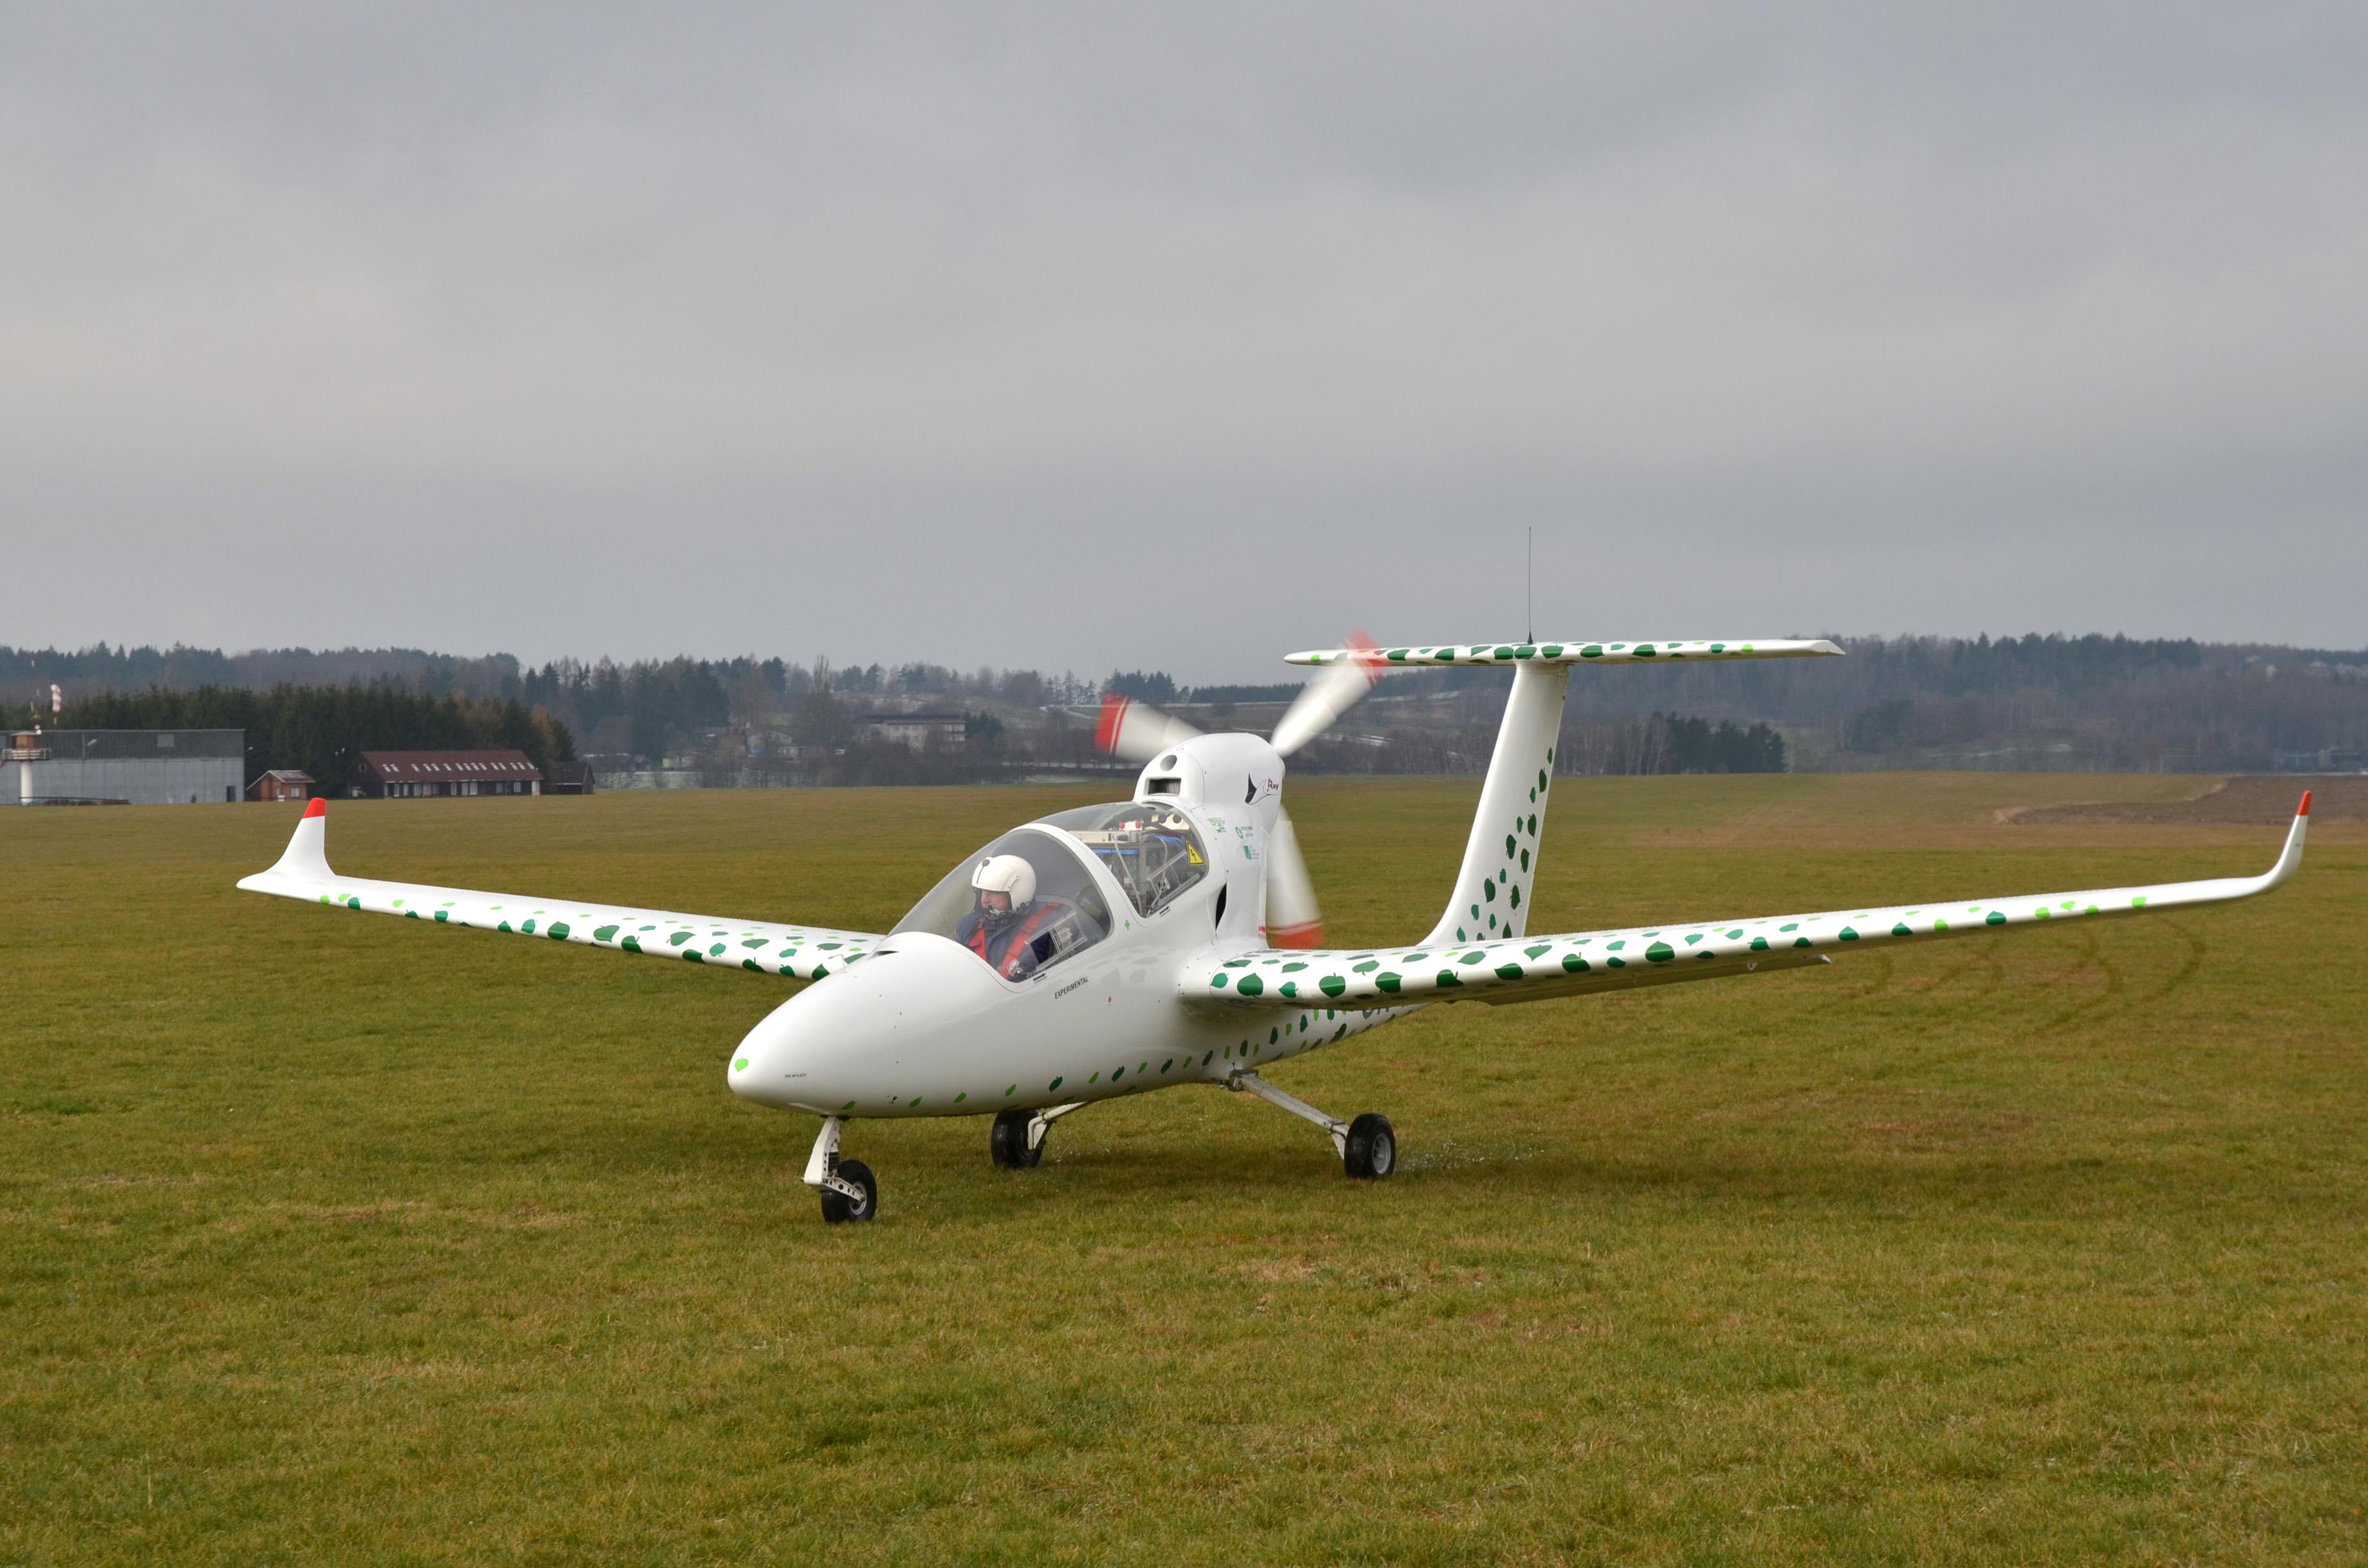 Laboratoř pohonů a mikroprocesorového řízení - Elektrický letoun VUT 051 RAY s výkonem 55kW